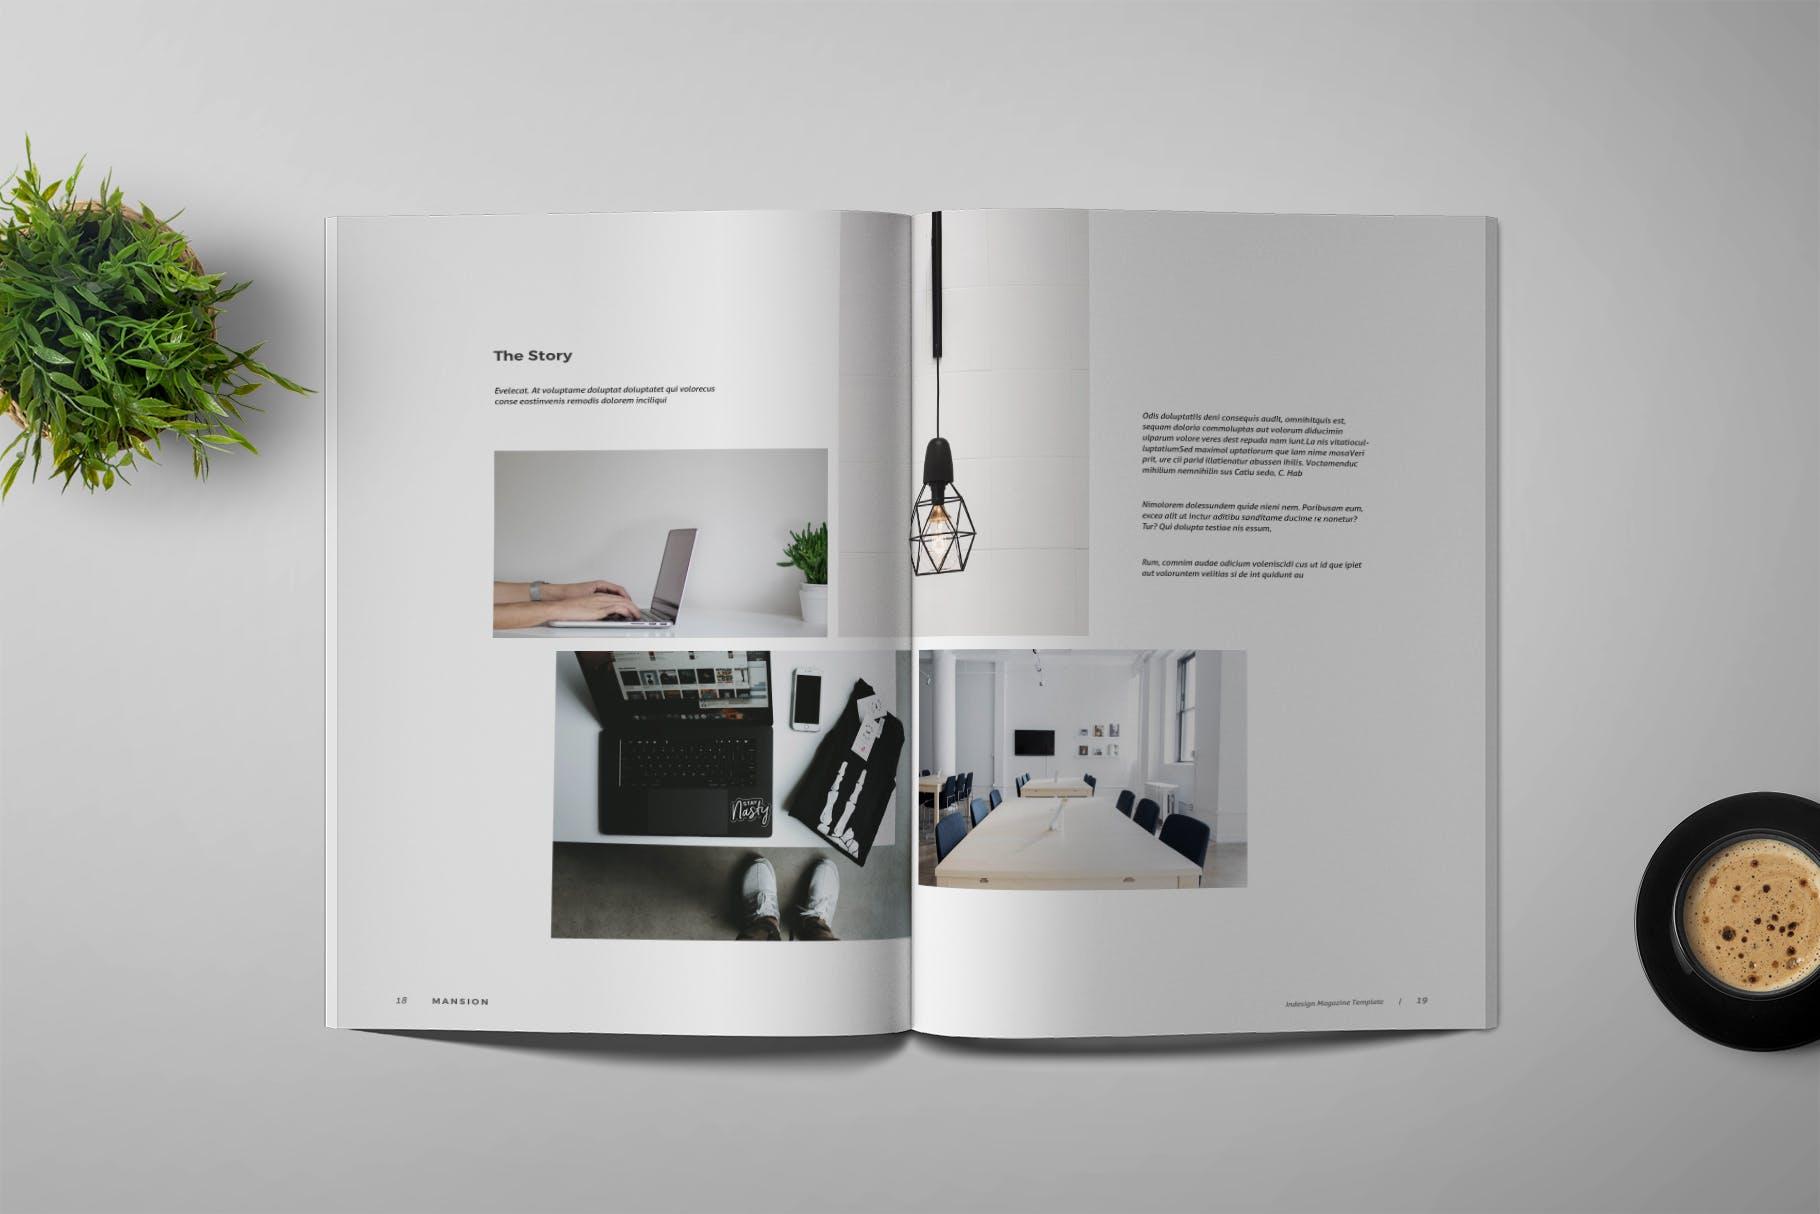 企业画册建筑类模板素材下载Mansion - Magazine Template